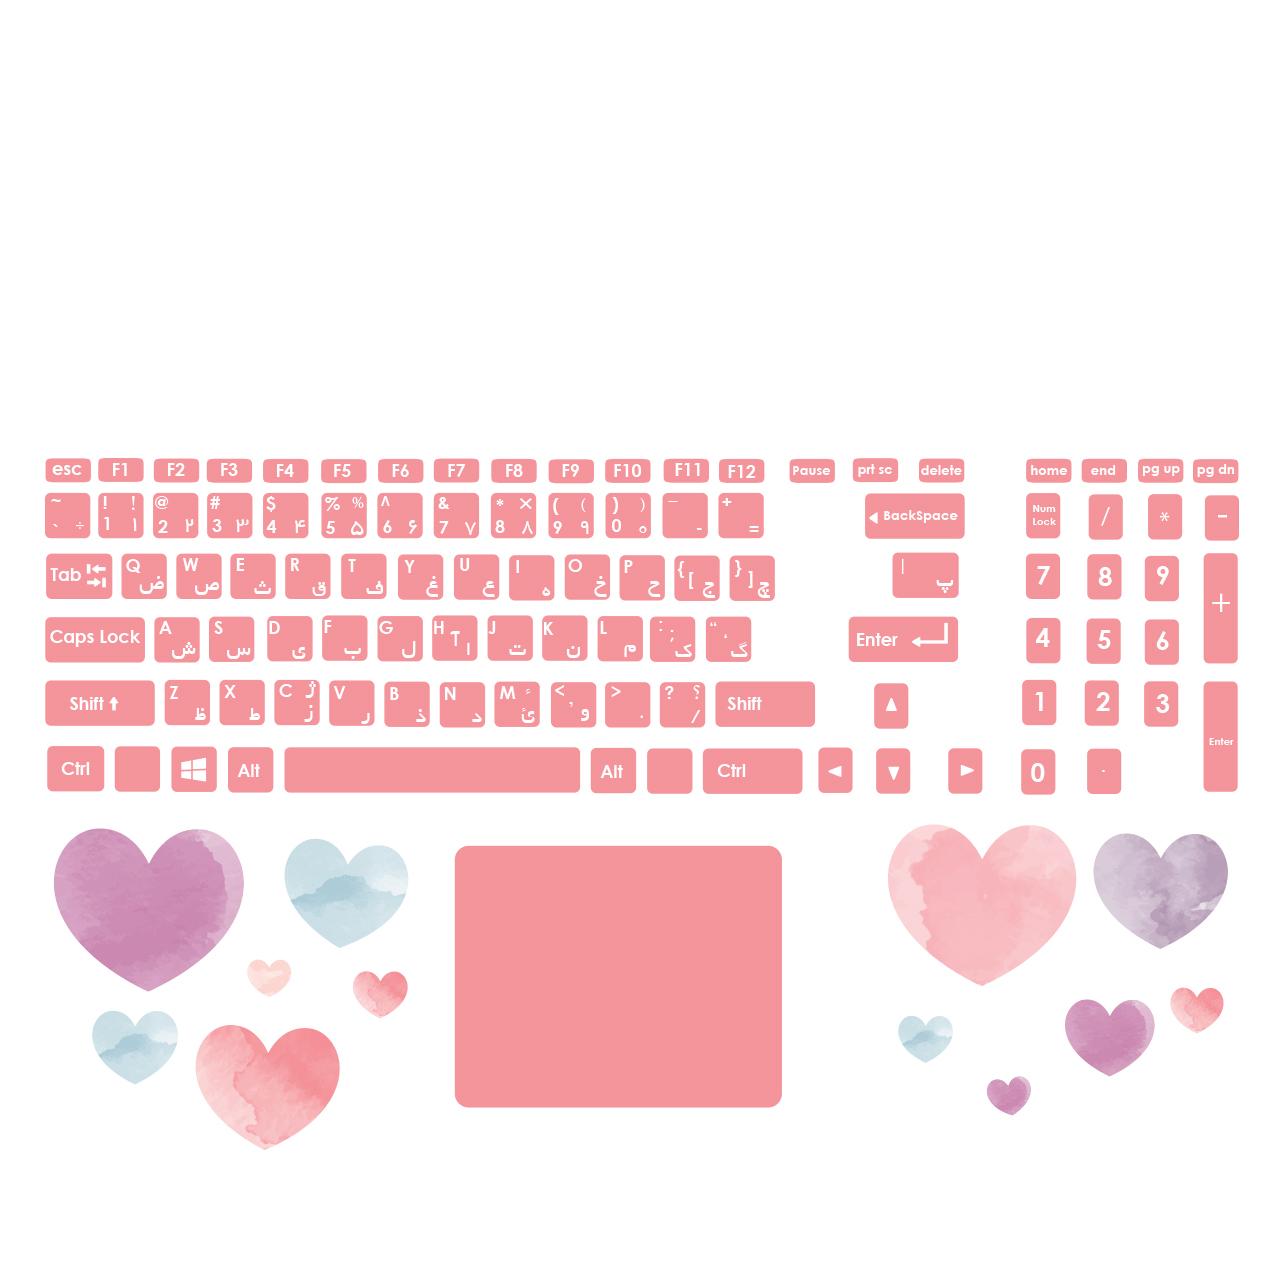 بررسی و {خرید با تخفیف} استیکر لپ تاپ صالسو آرت مدل 8014 hk به همراه برچسب حروف فارسی کیبورد اصل